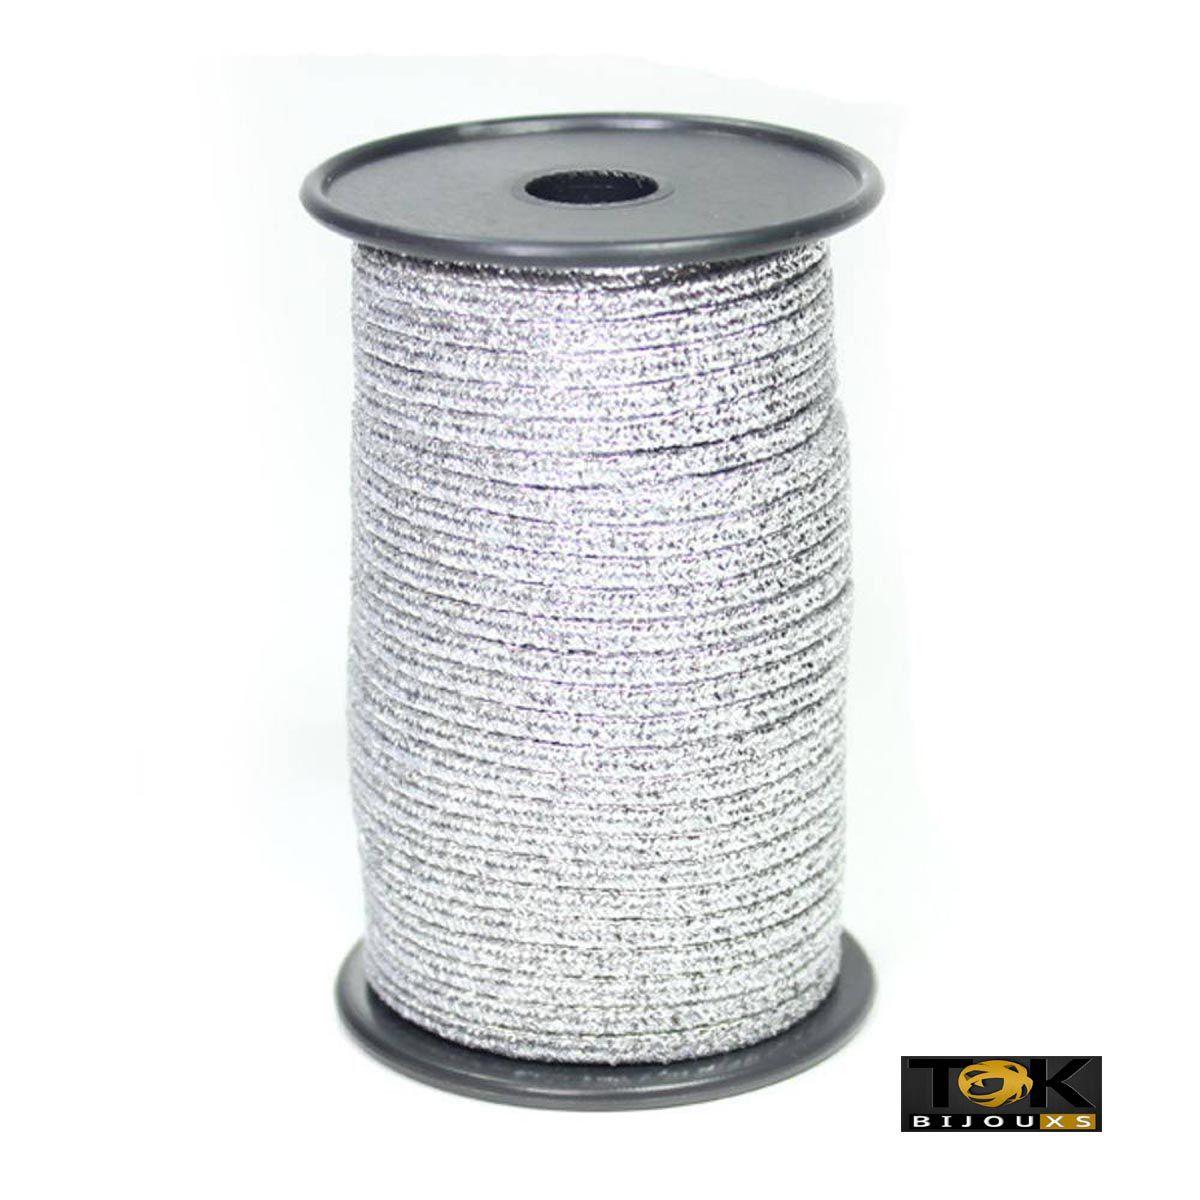 Soutache Metalizado 500/04 - 1,8mm - Prata - 50 Metros